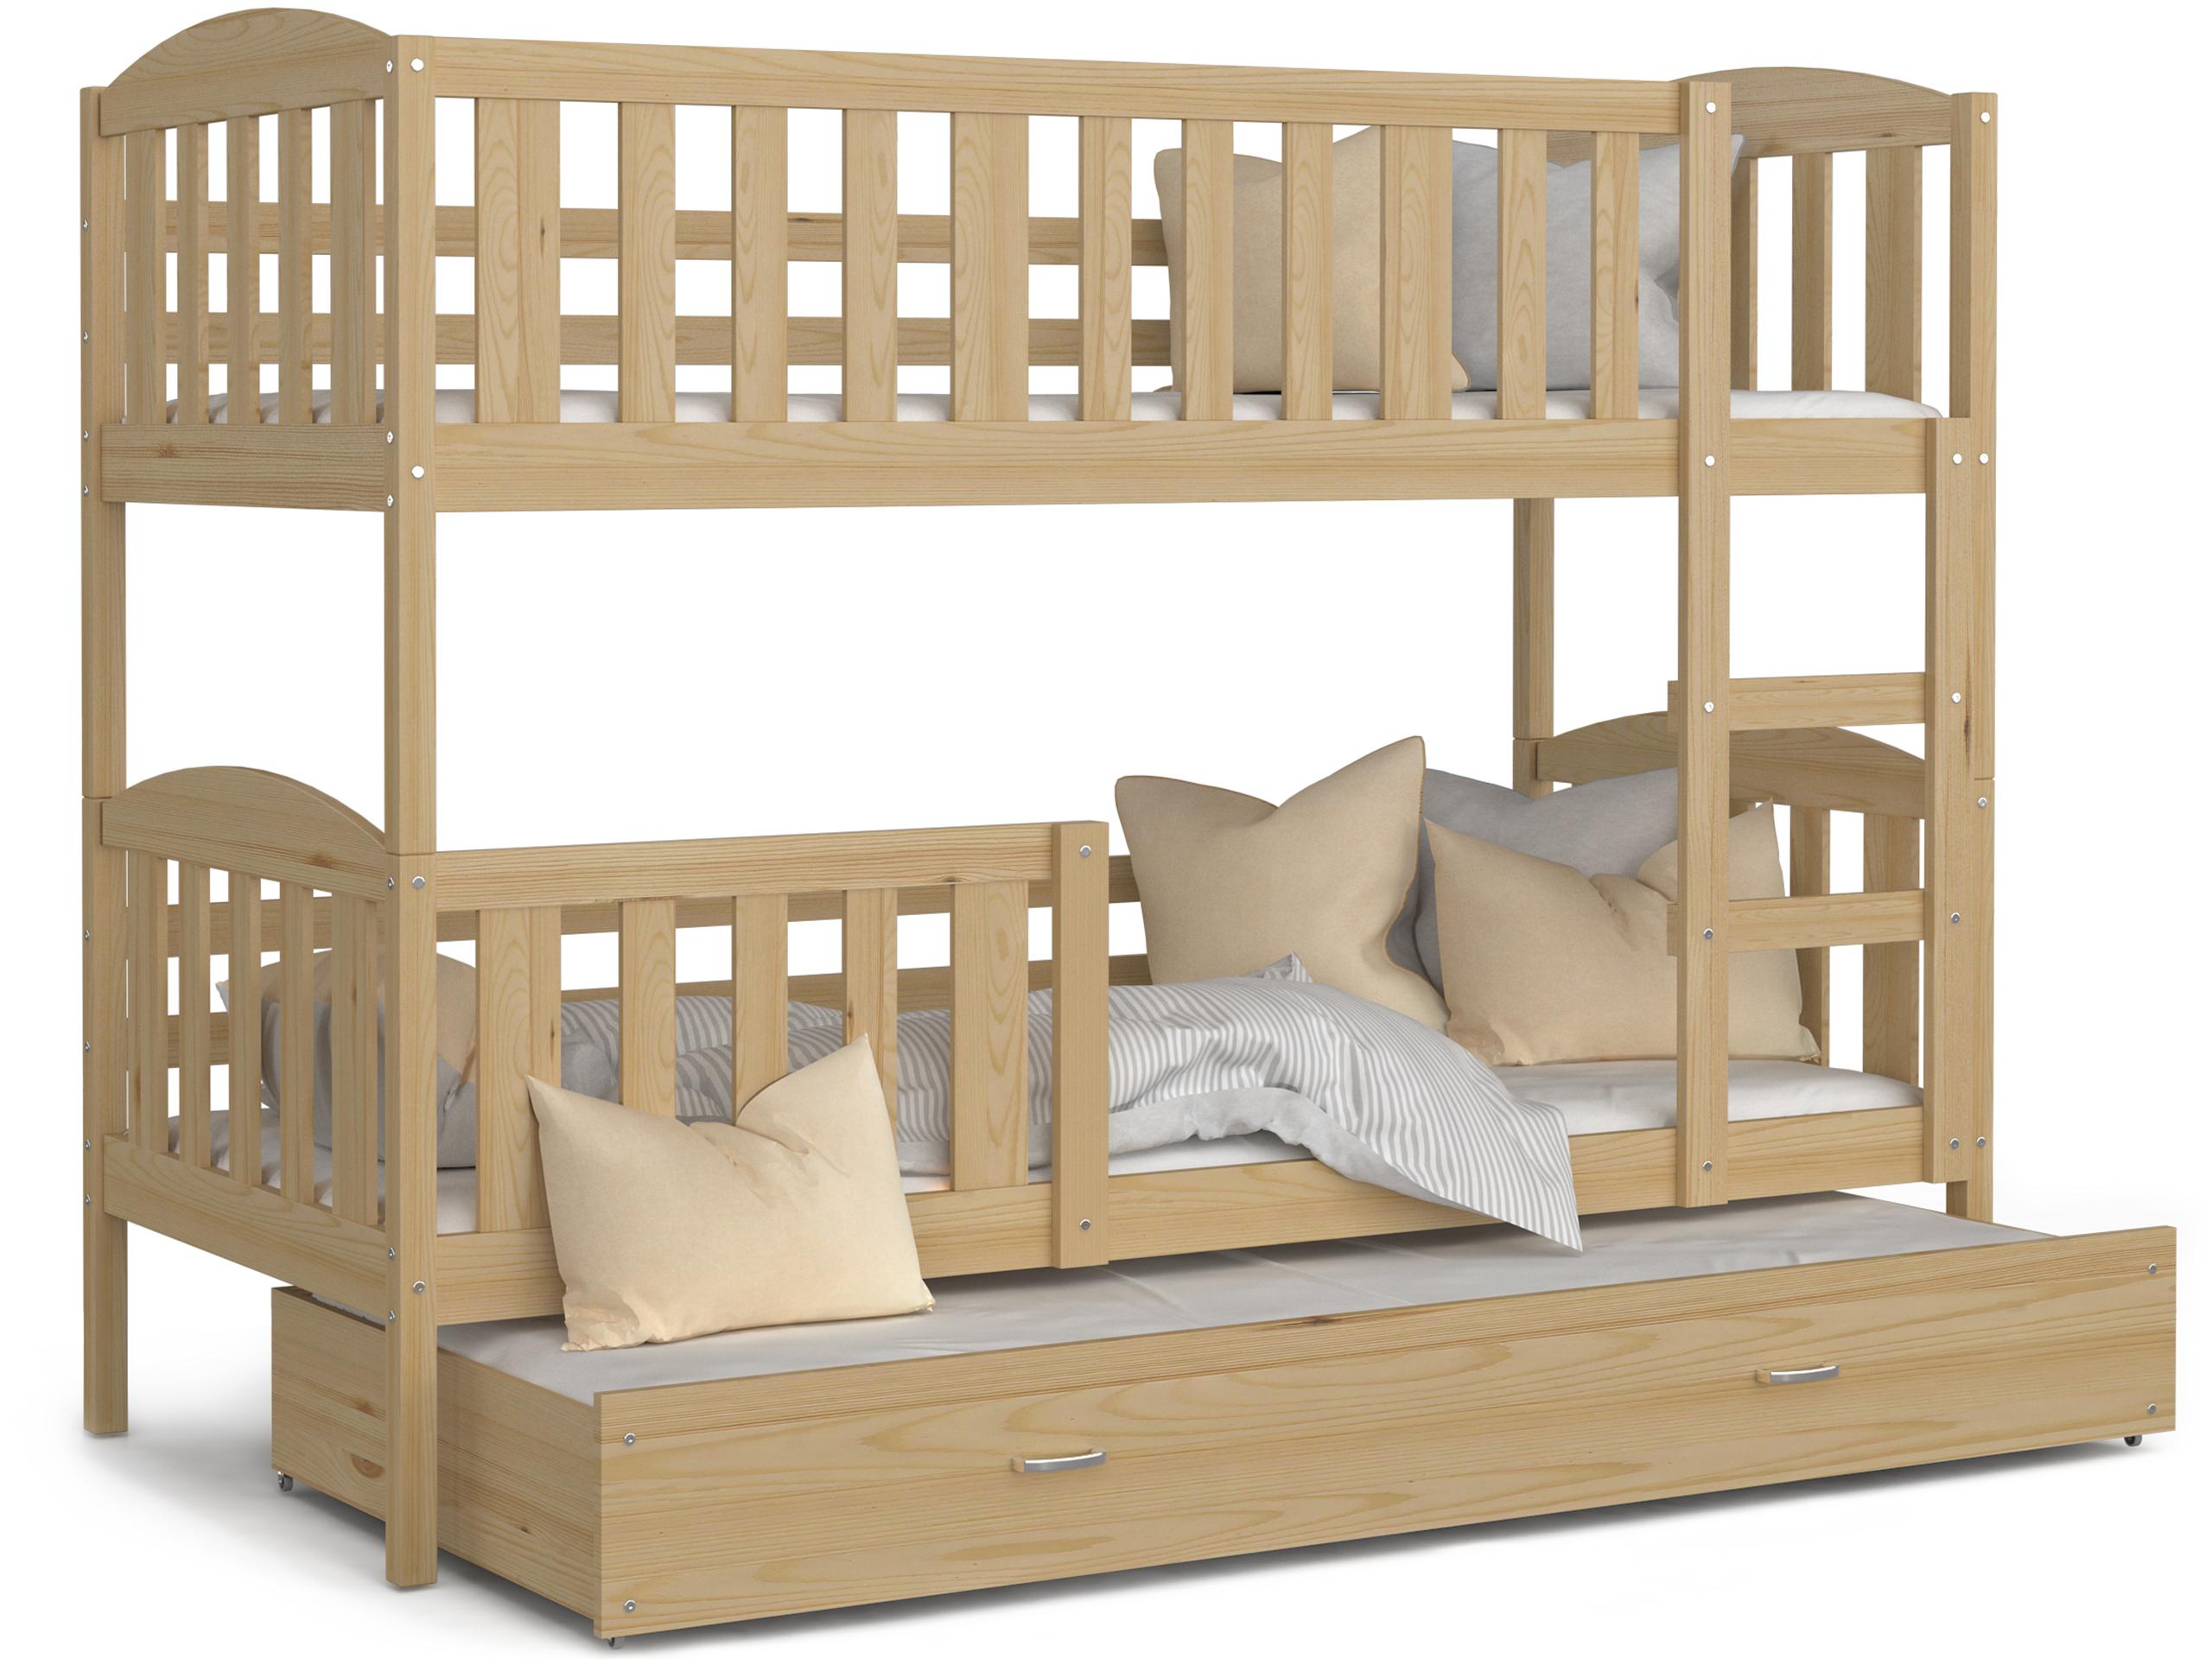 ArtAJ Detská poschodová posteľ Kubuš 3 | 190 x 80 cm Farba: Borovica, Prevedenie: bez matraca, Rozmer.: drevo